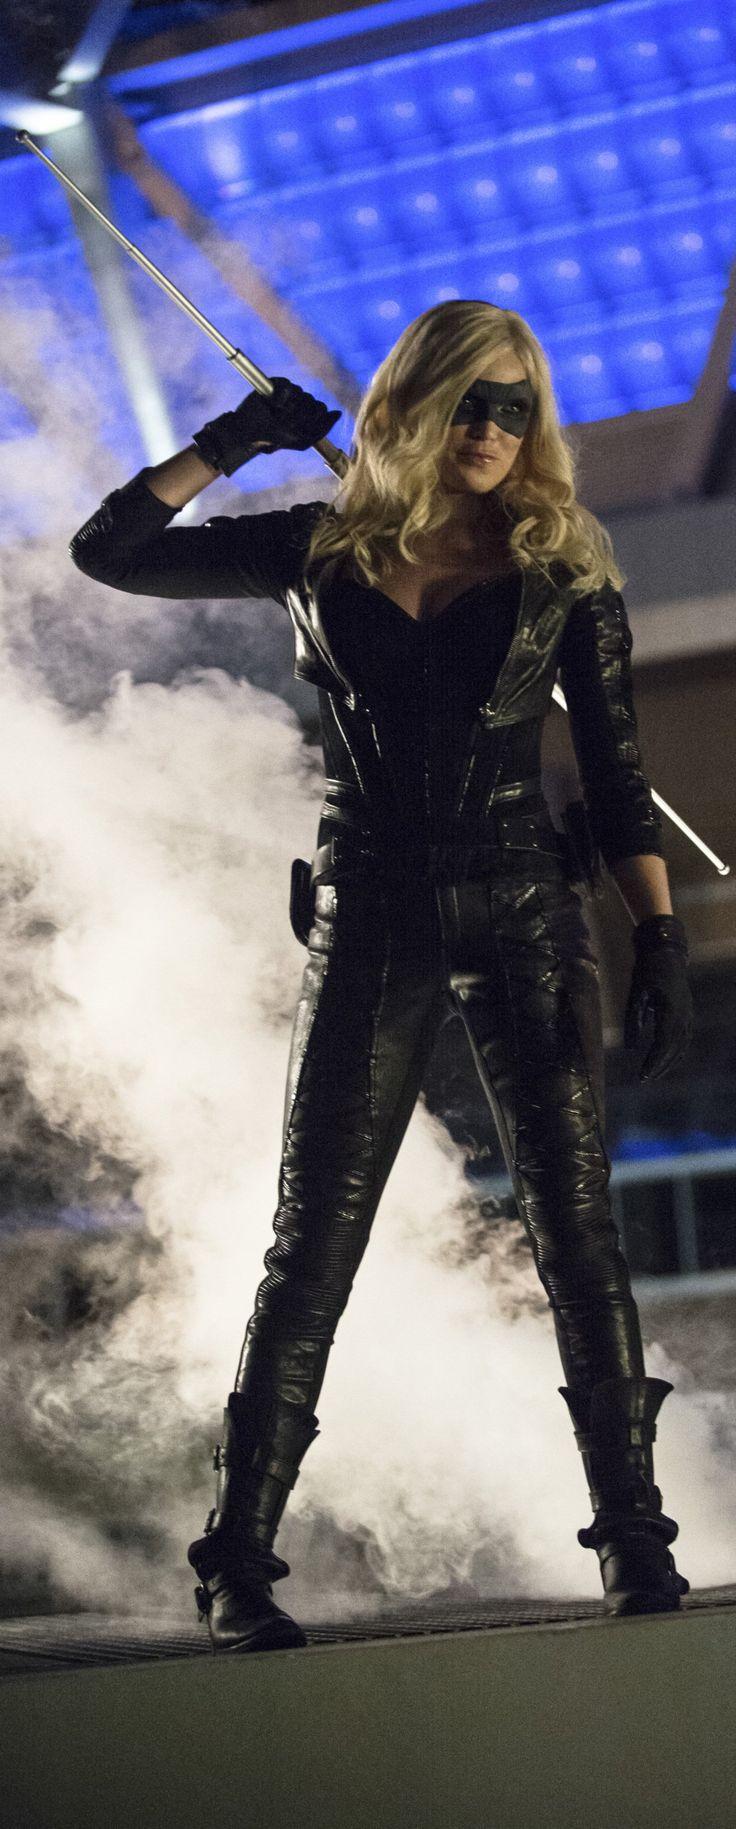 Caity Lotz as The Canary in Arrow 3x01 The Calm